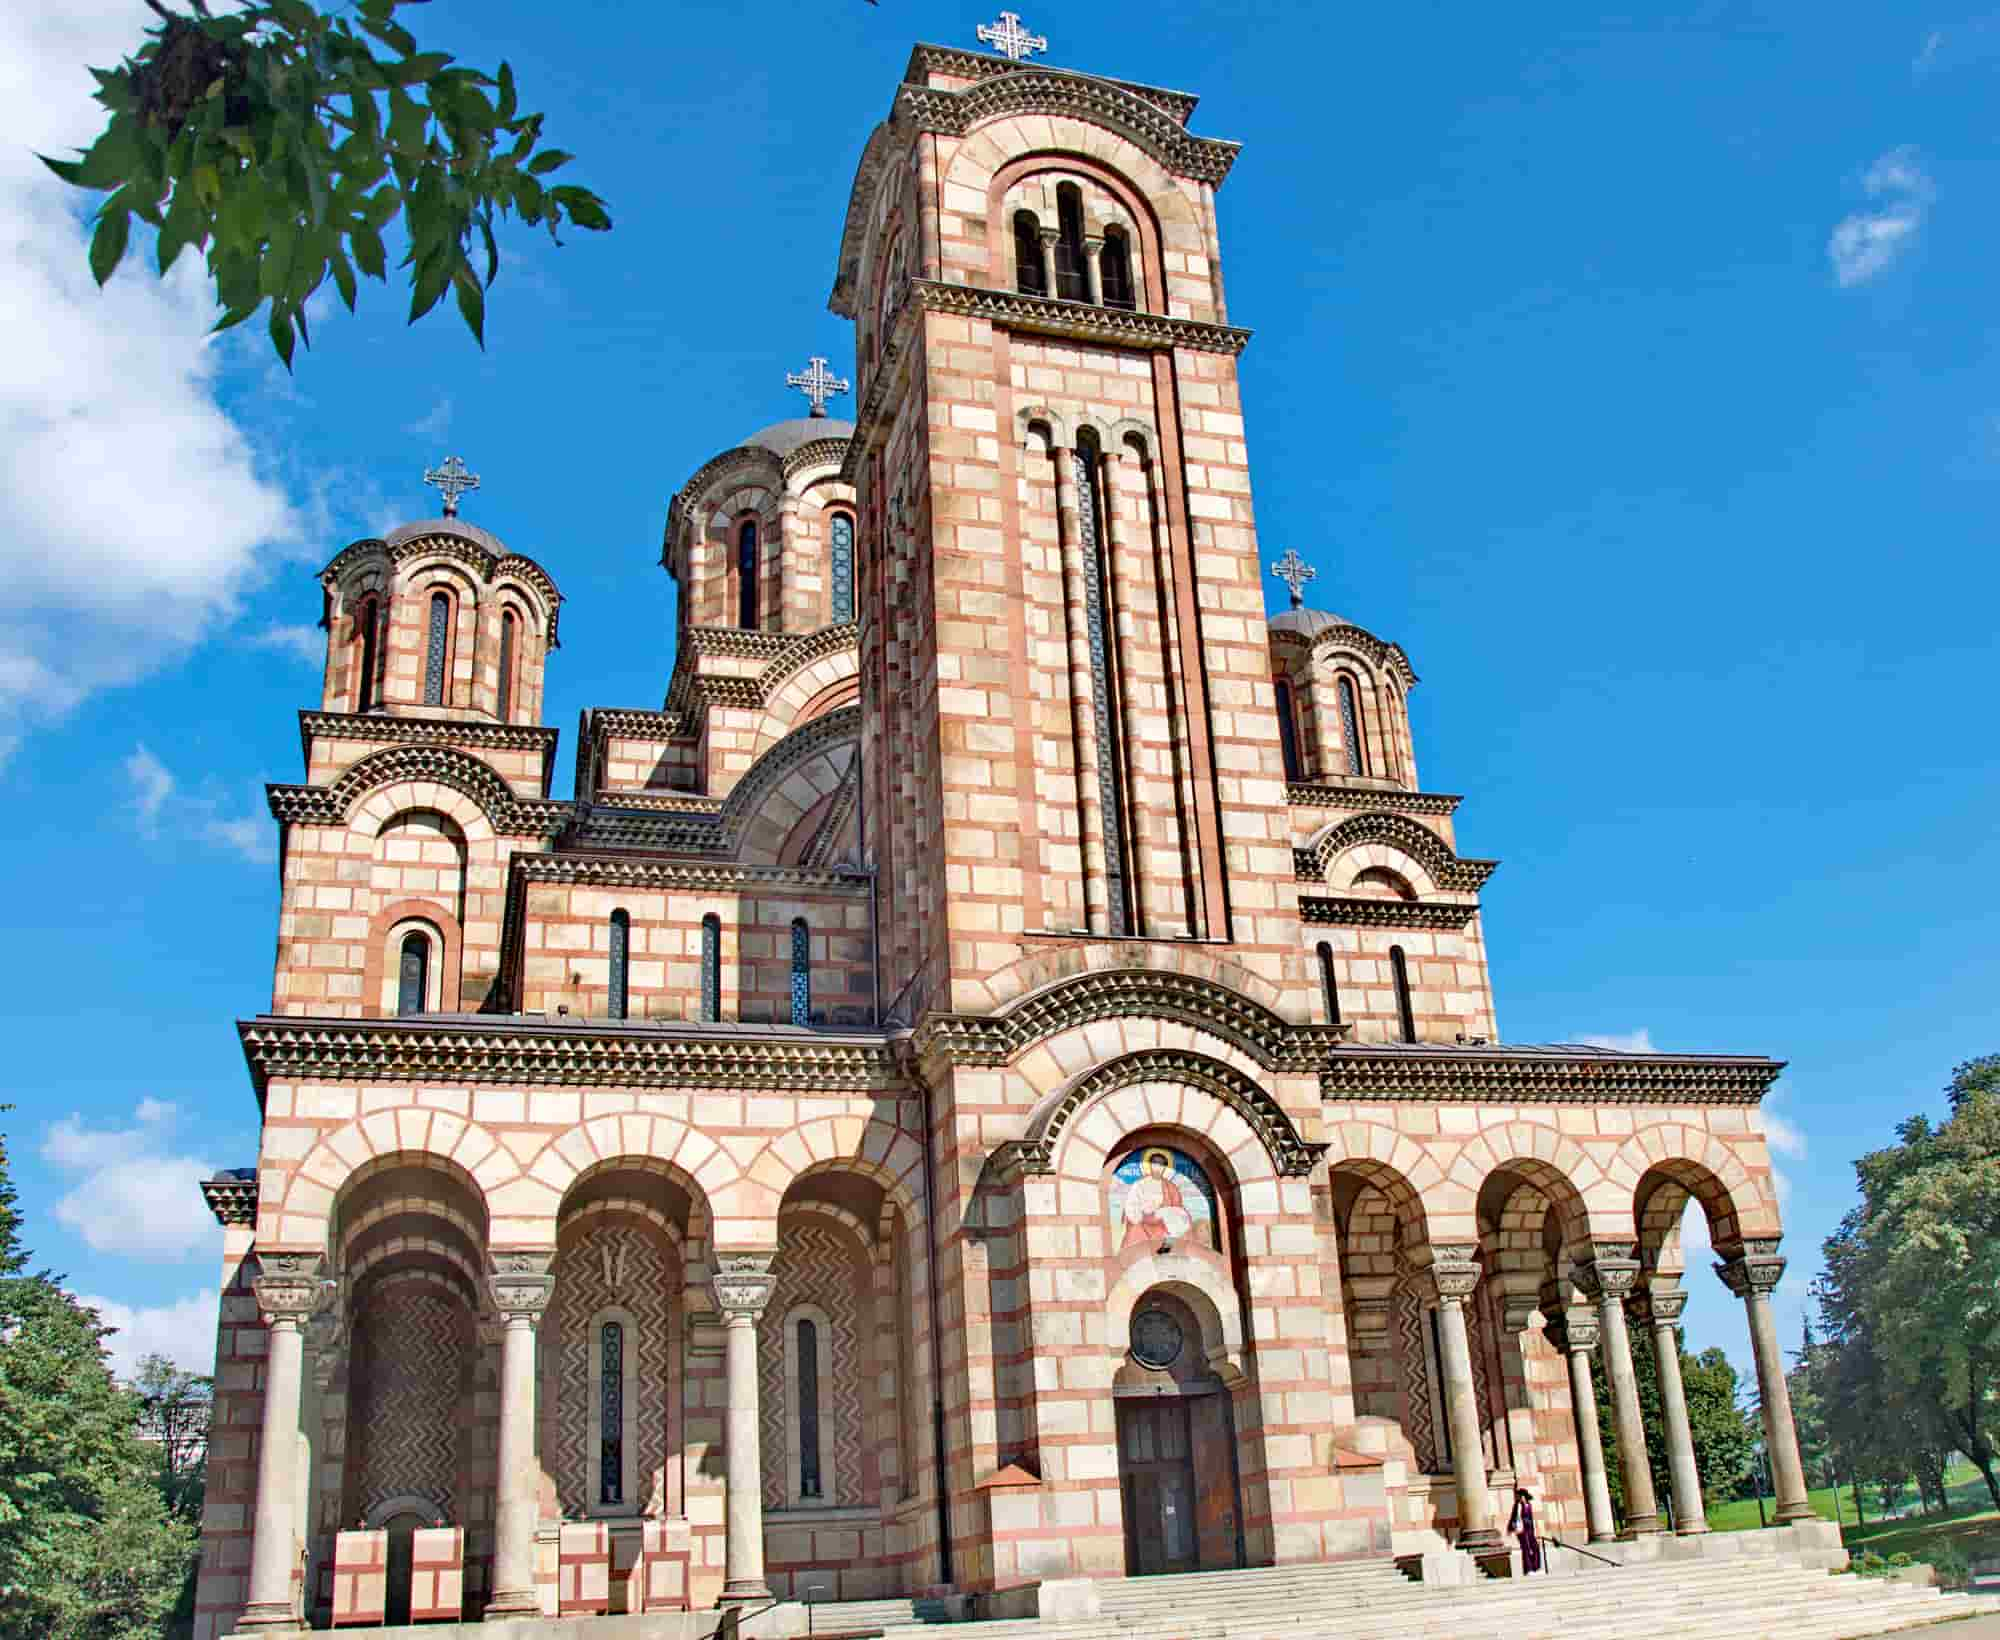 Belgrad San Marco Kilisesi